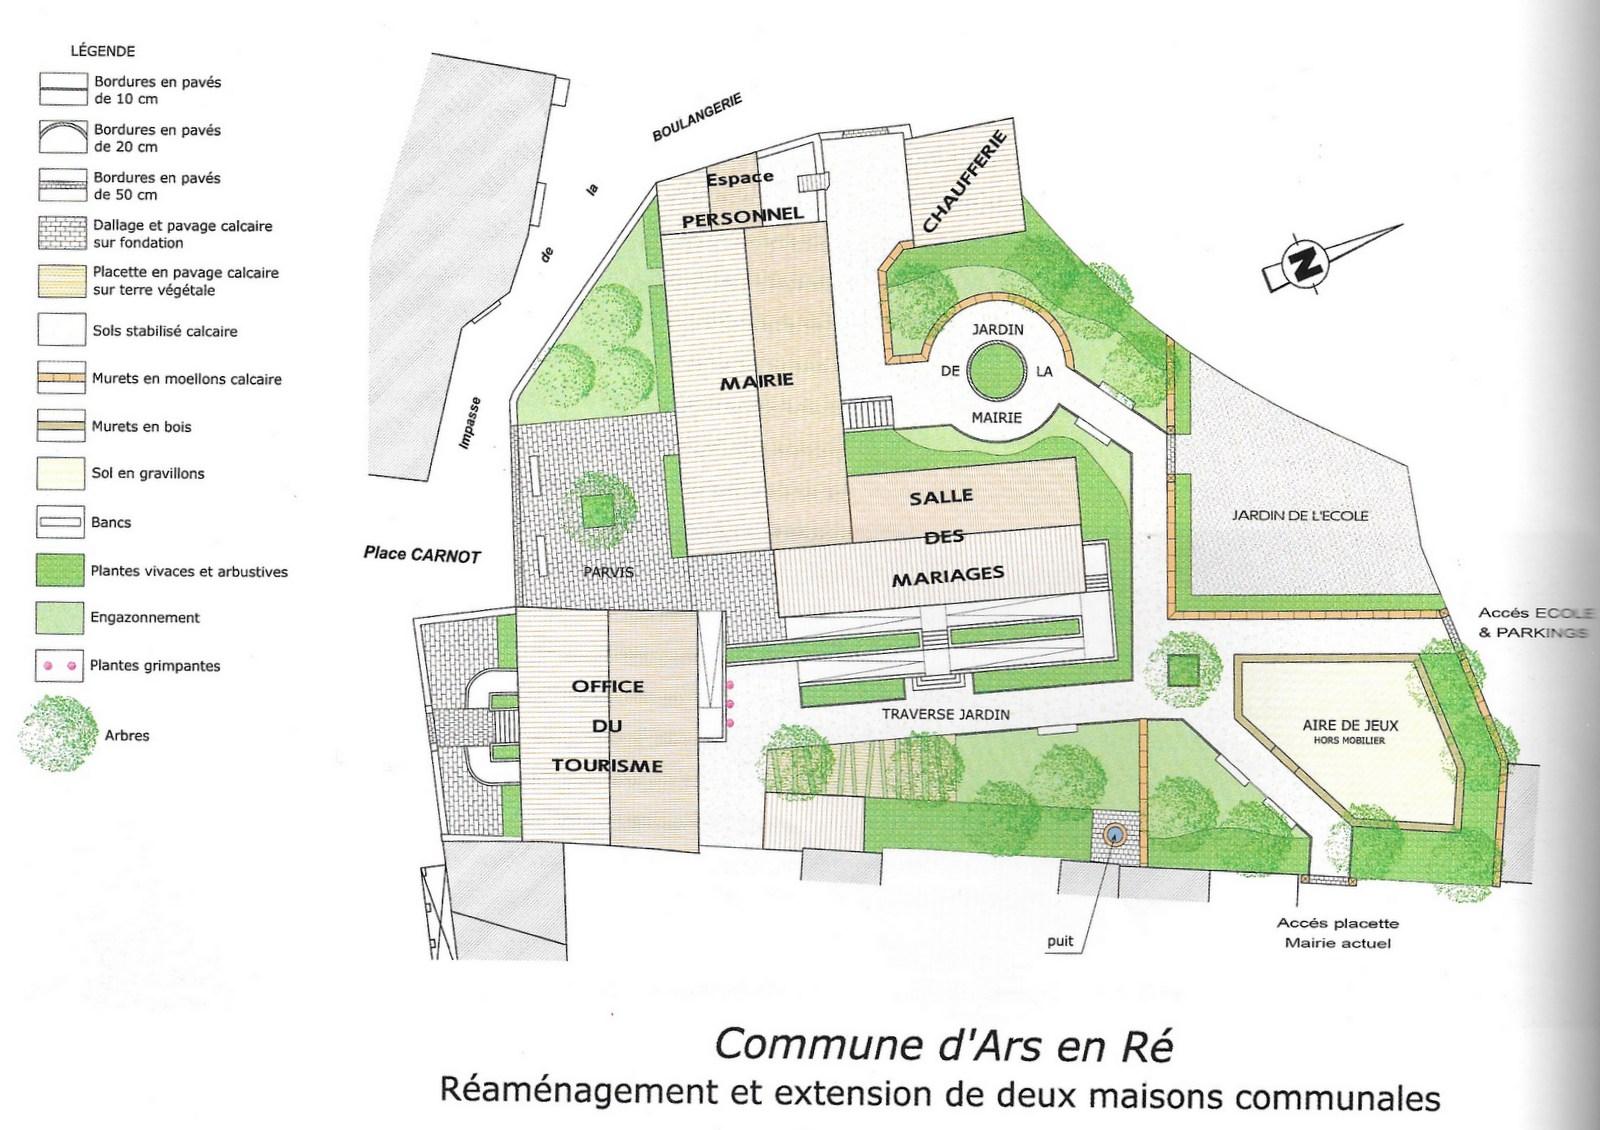 Ars-en-Ré - Plan d'aménagement des maisons communales